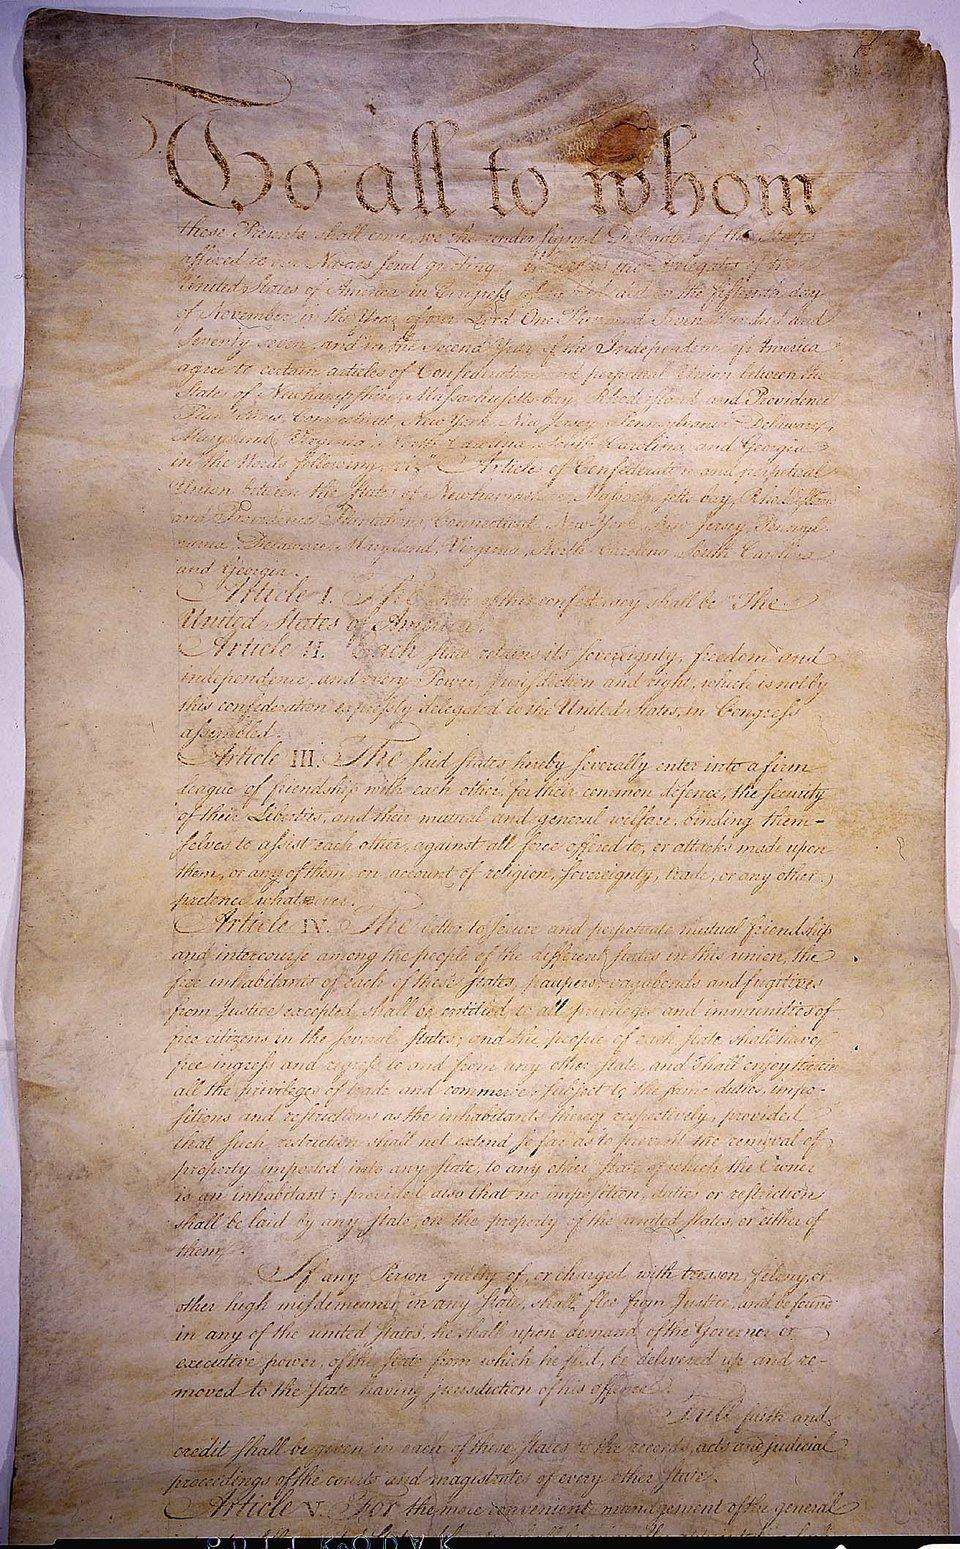 ArtykułyKonfederacji – dokument precyzujący ustrój dawnych 13 kolonii. Wdokumencie tym ratyfikowanym w1781 r. po raz pierwszy użyto nazwy nowego państwa: Stany Zjednoczone Ameryki ArtykułyKonfederacji – dokument precyzujący ustrój dawnych 13 kolonii. Wdokumencie tym ratyfikowanym w1781 r. po raz pierwszy użyto nazwy nowego państwa: Stany Zjednoczone Ameryki Źródło: The government of the United States, domena publiczna.